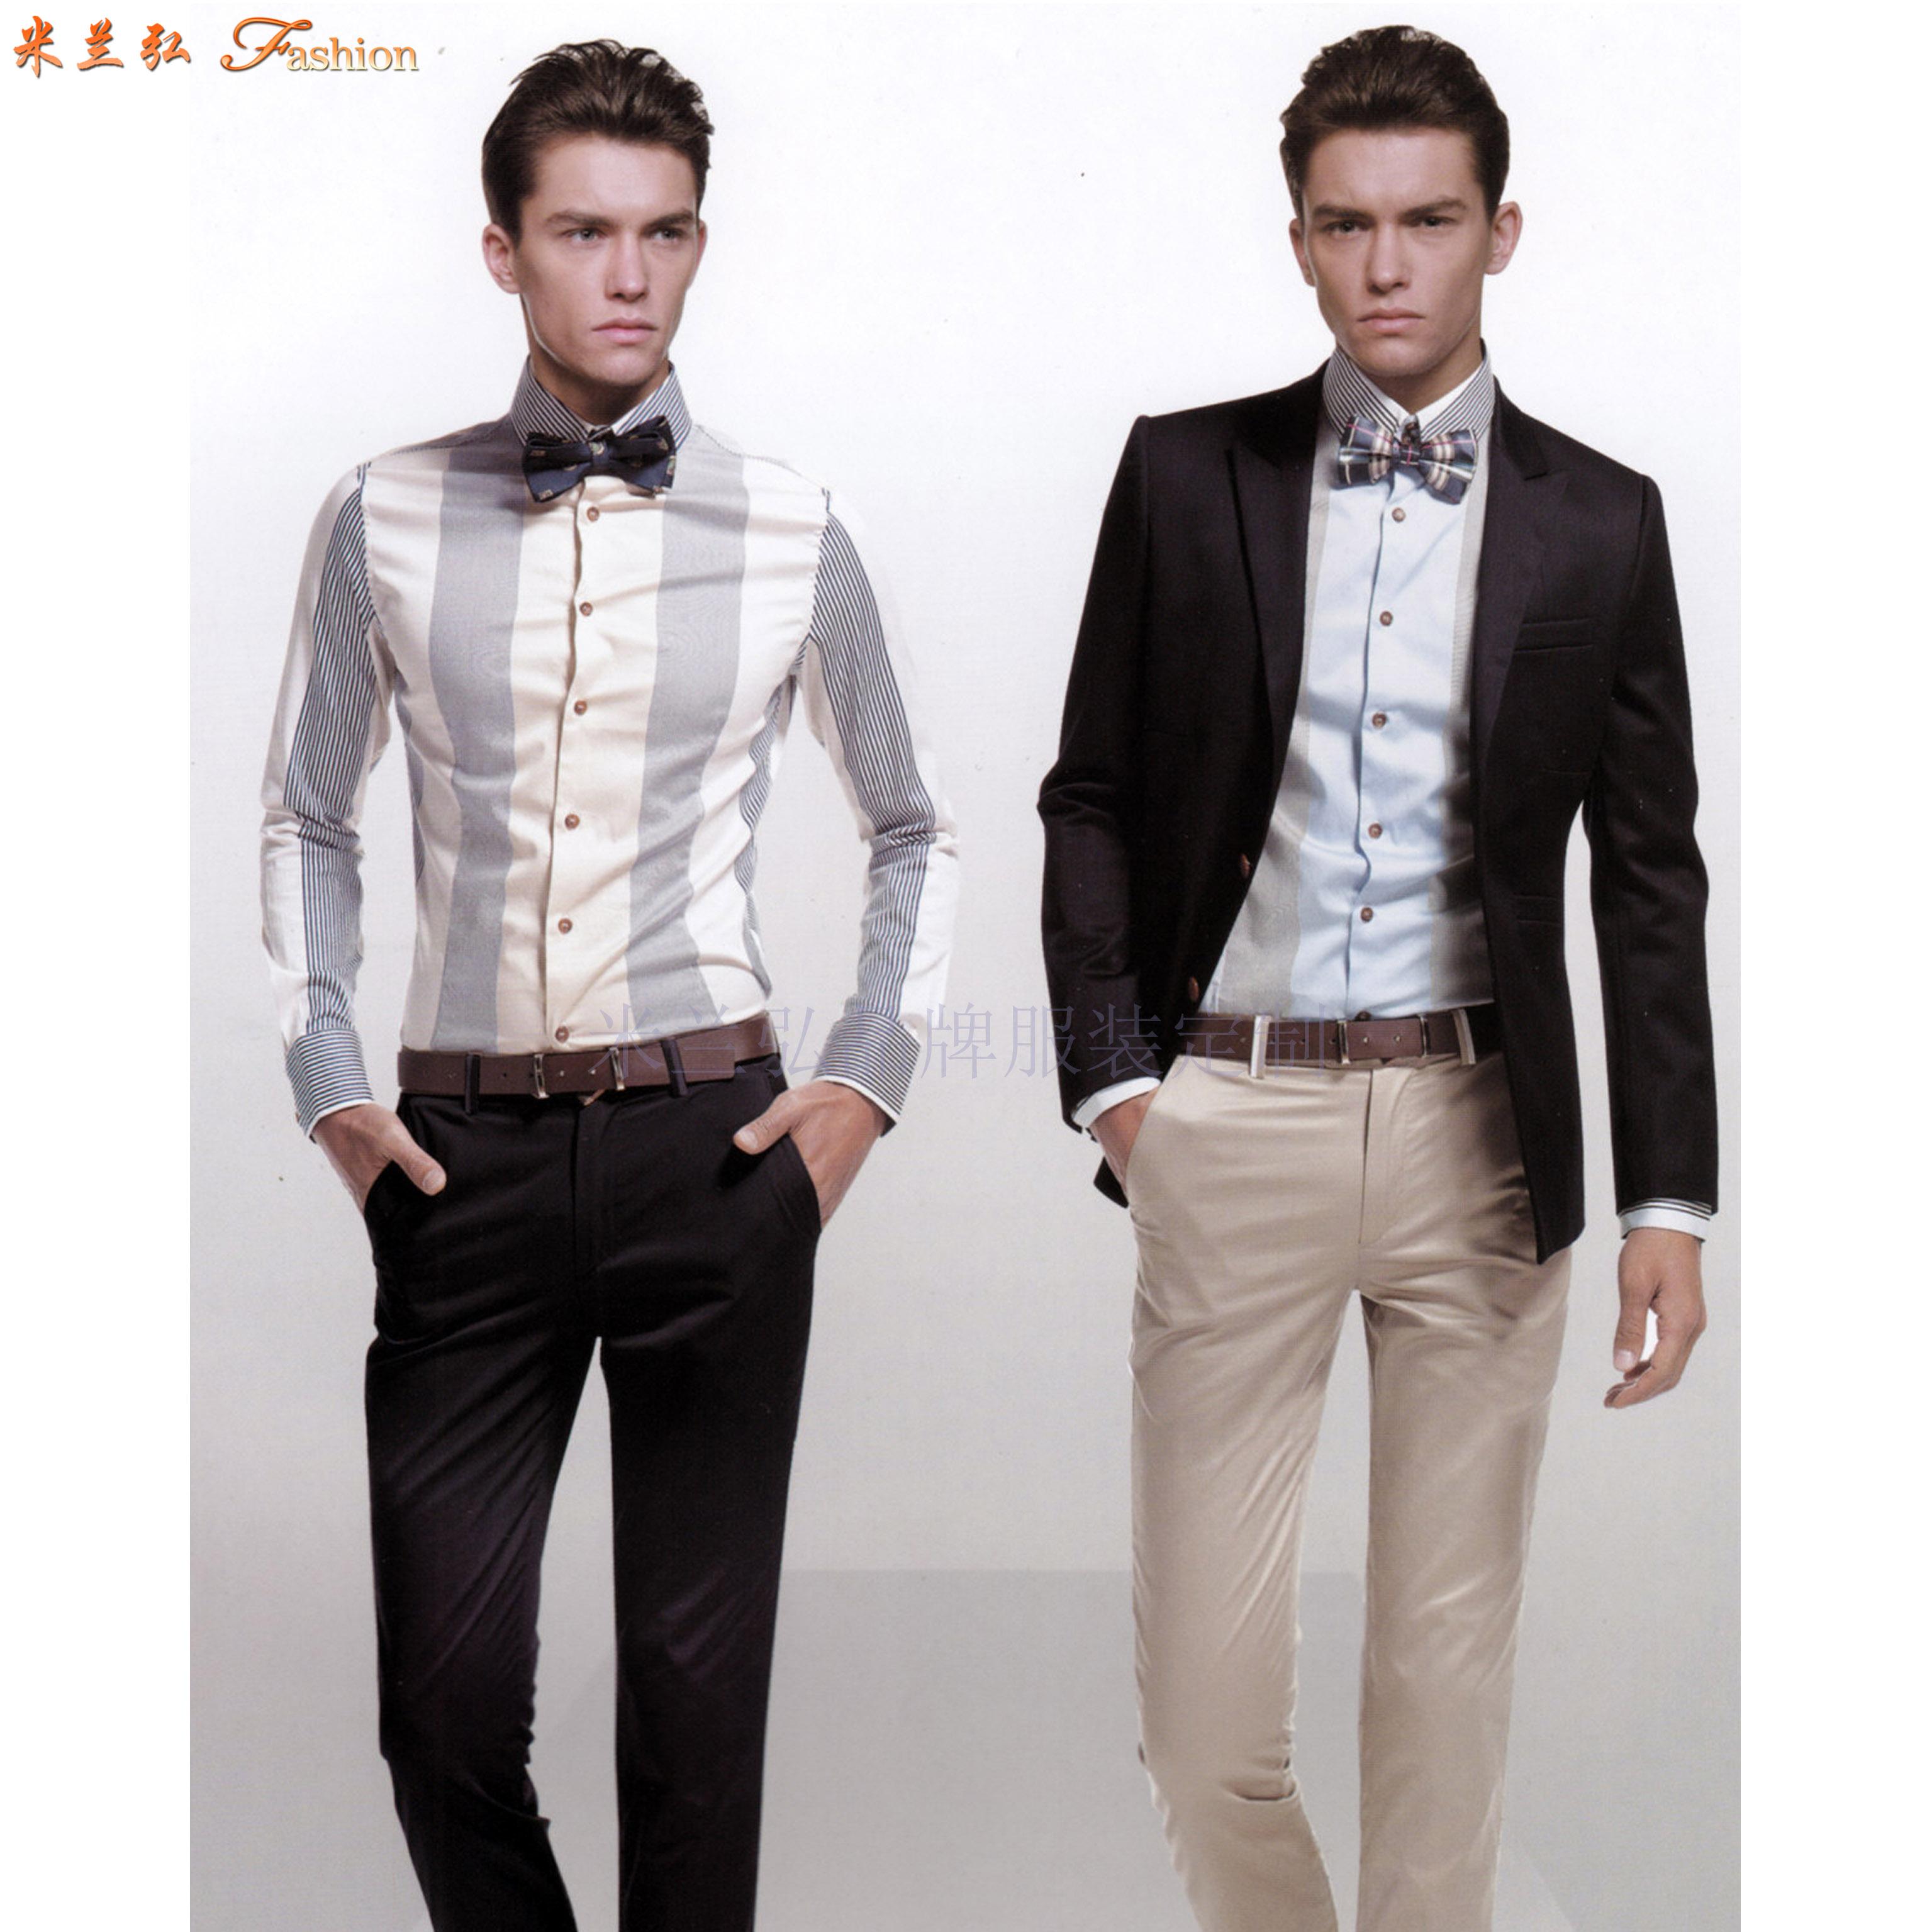 北京定制職業裝-訂做新穎潮流職業裝-米蘭弘服裝-3